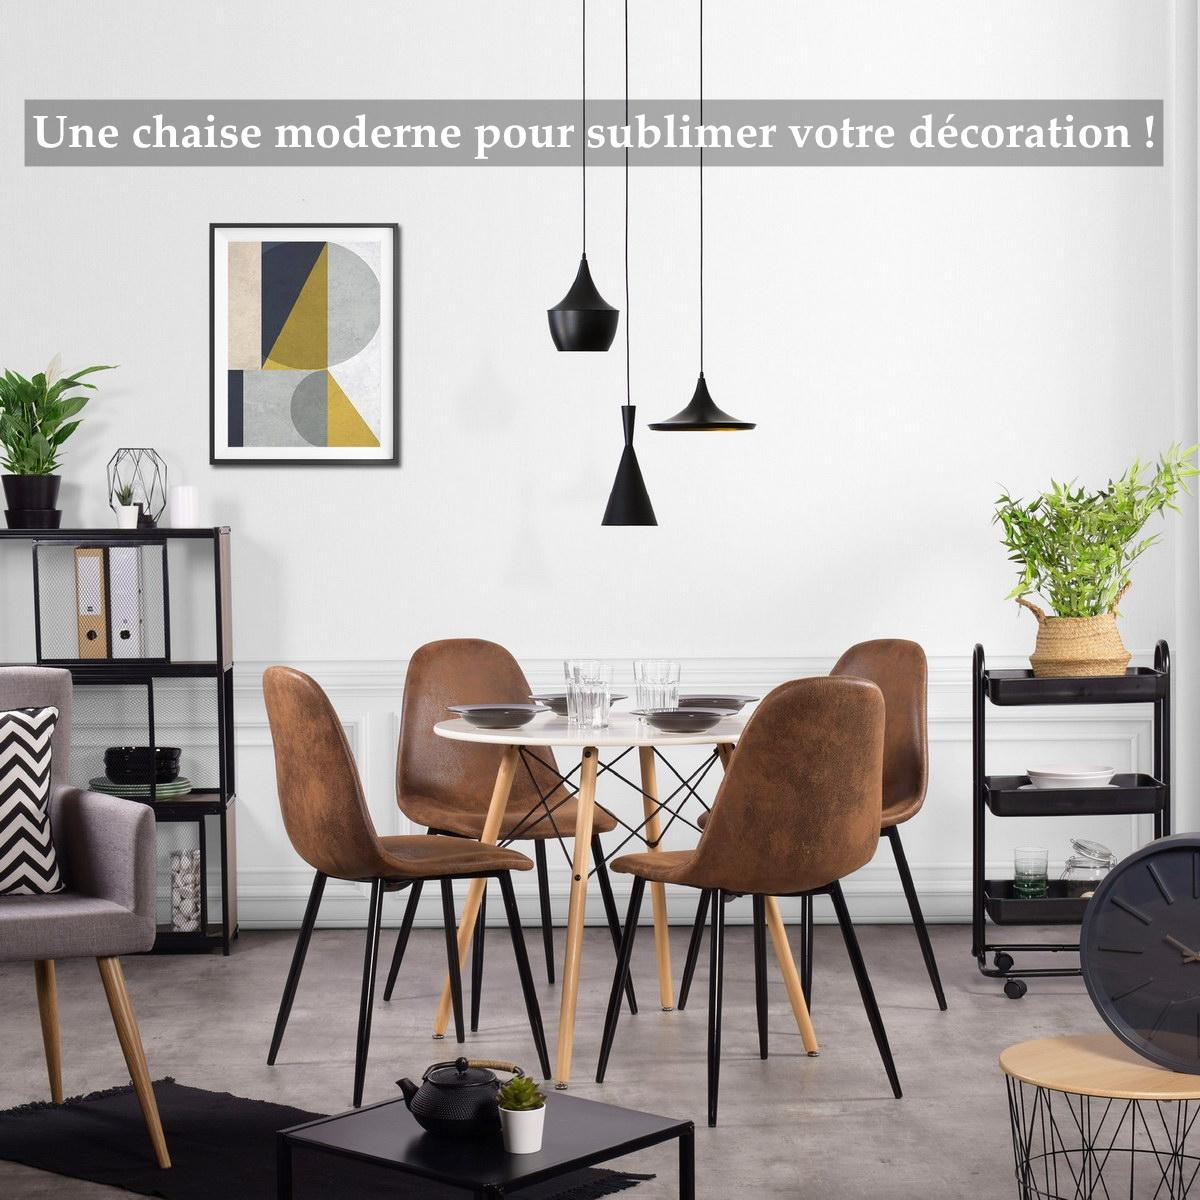 Déco Salle À Manger Vintage furniturer lot de 4 chaise de salle à manger avec pieds en